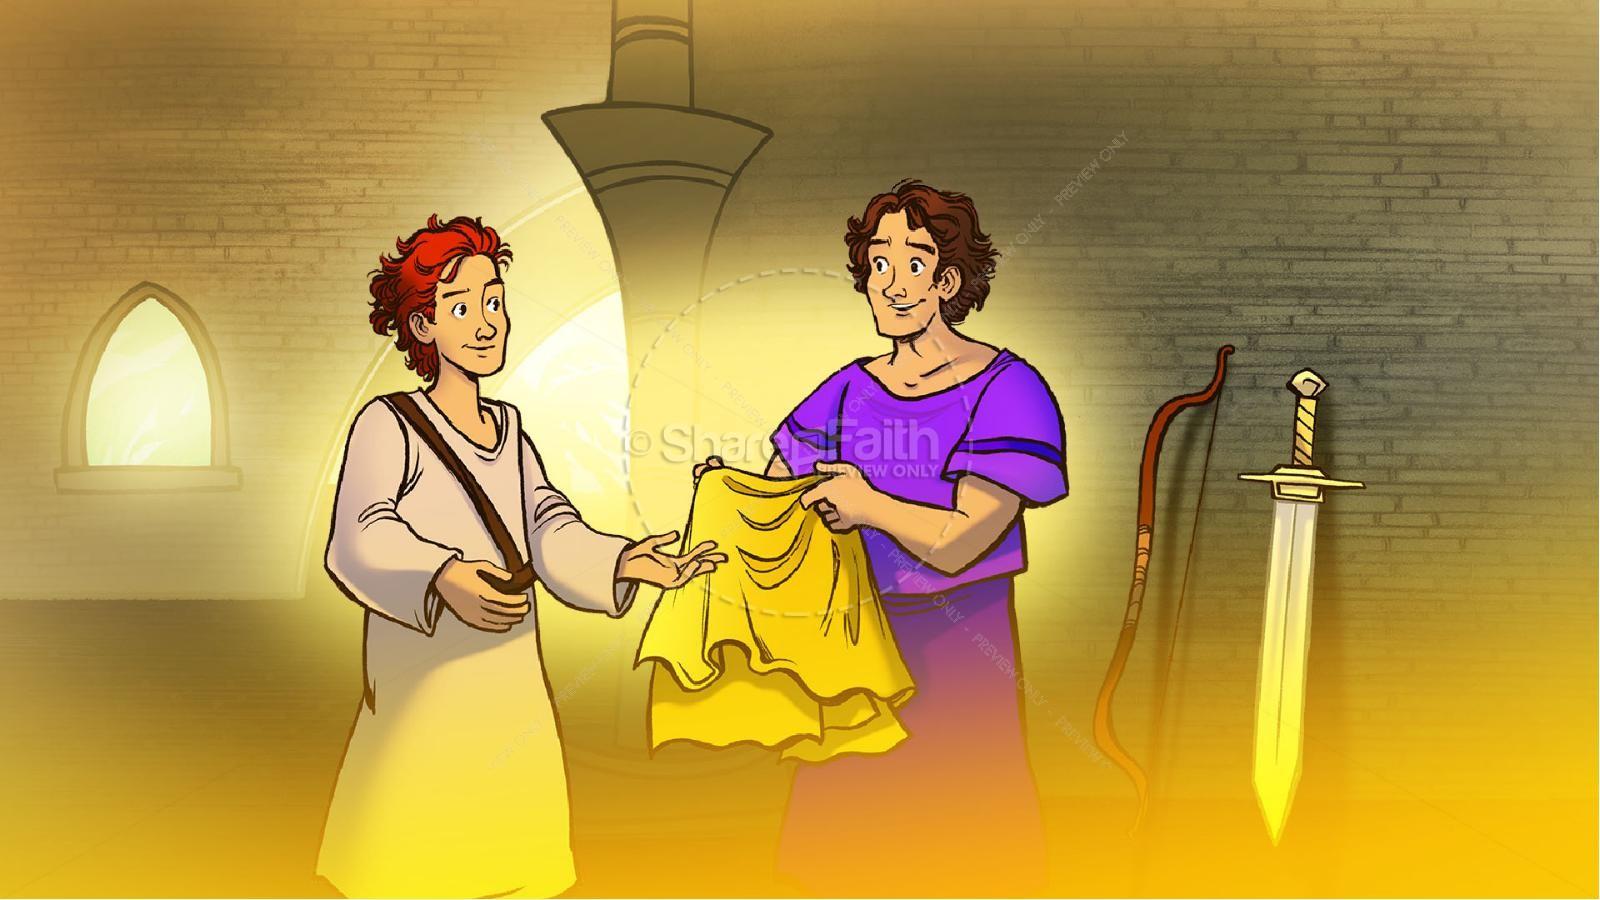 1 Samuel 18 19 David, Saul, & Jonathan Kids Bible Story   slide 2